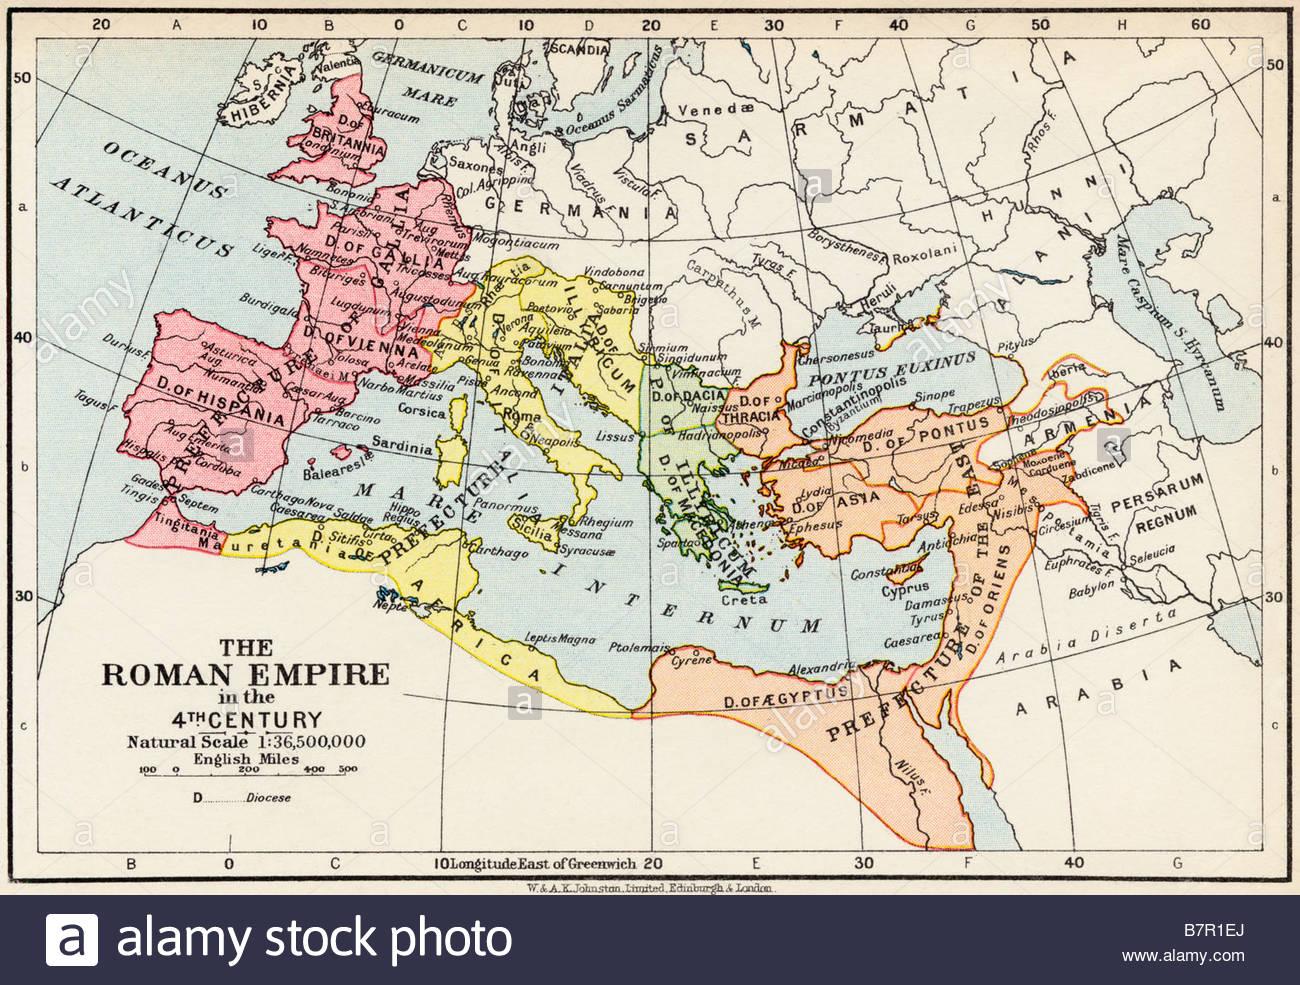 Mapa del imperio romano durante la cuarta centuria